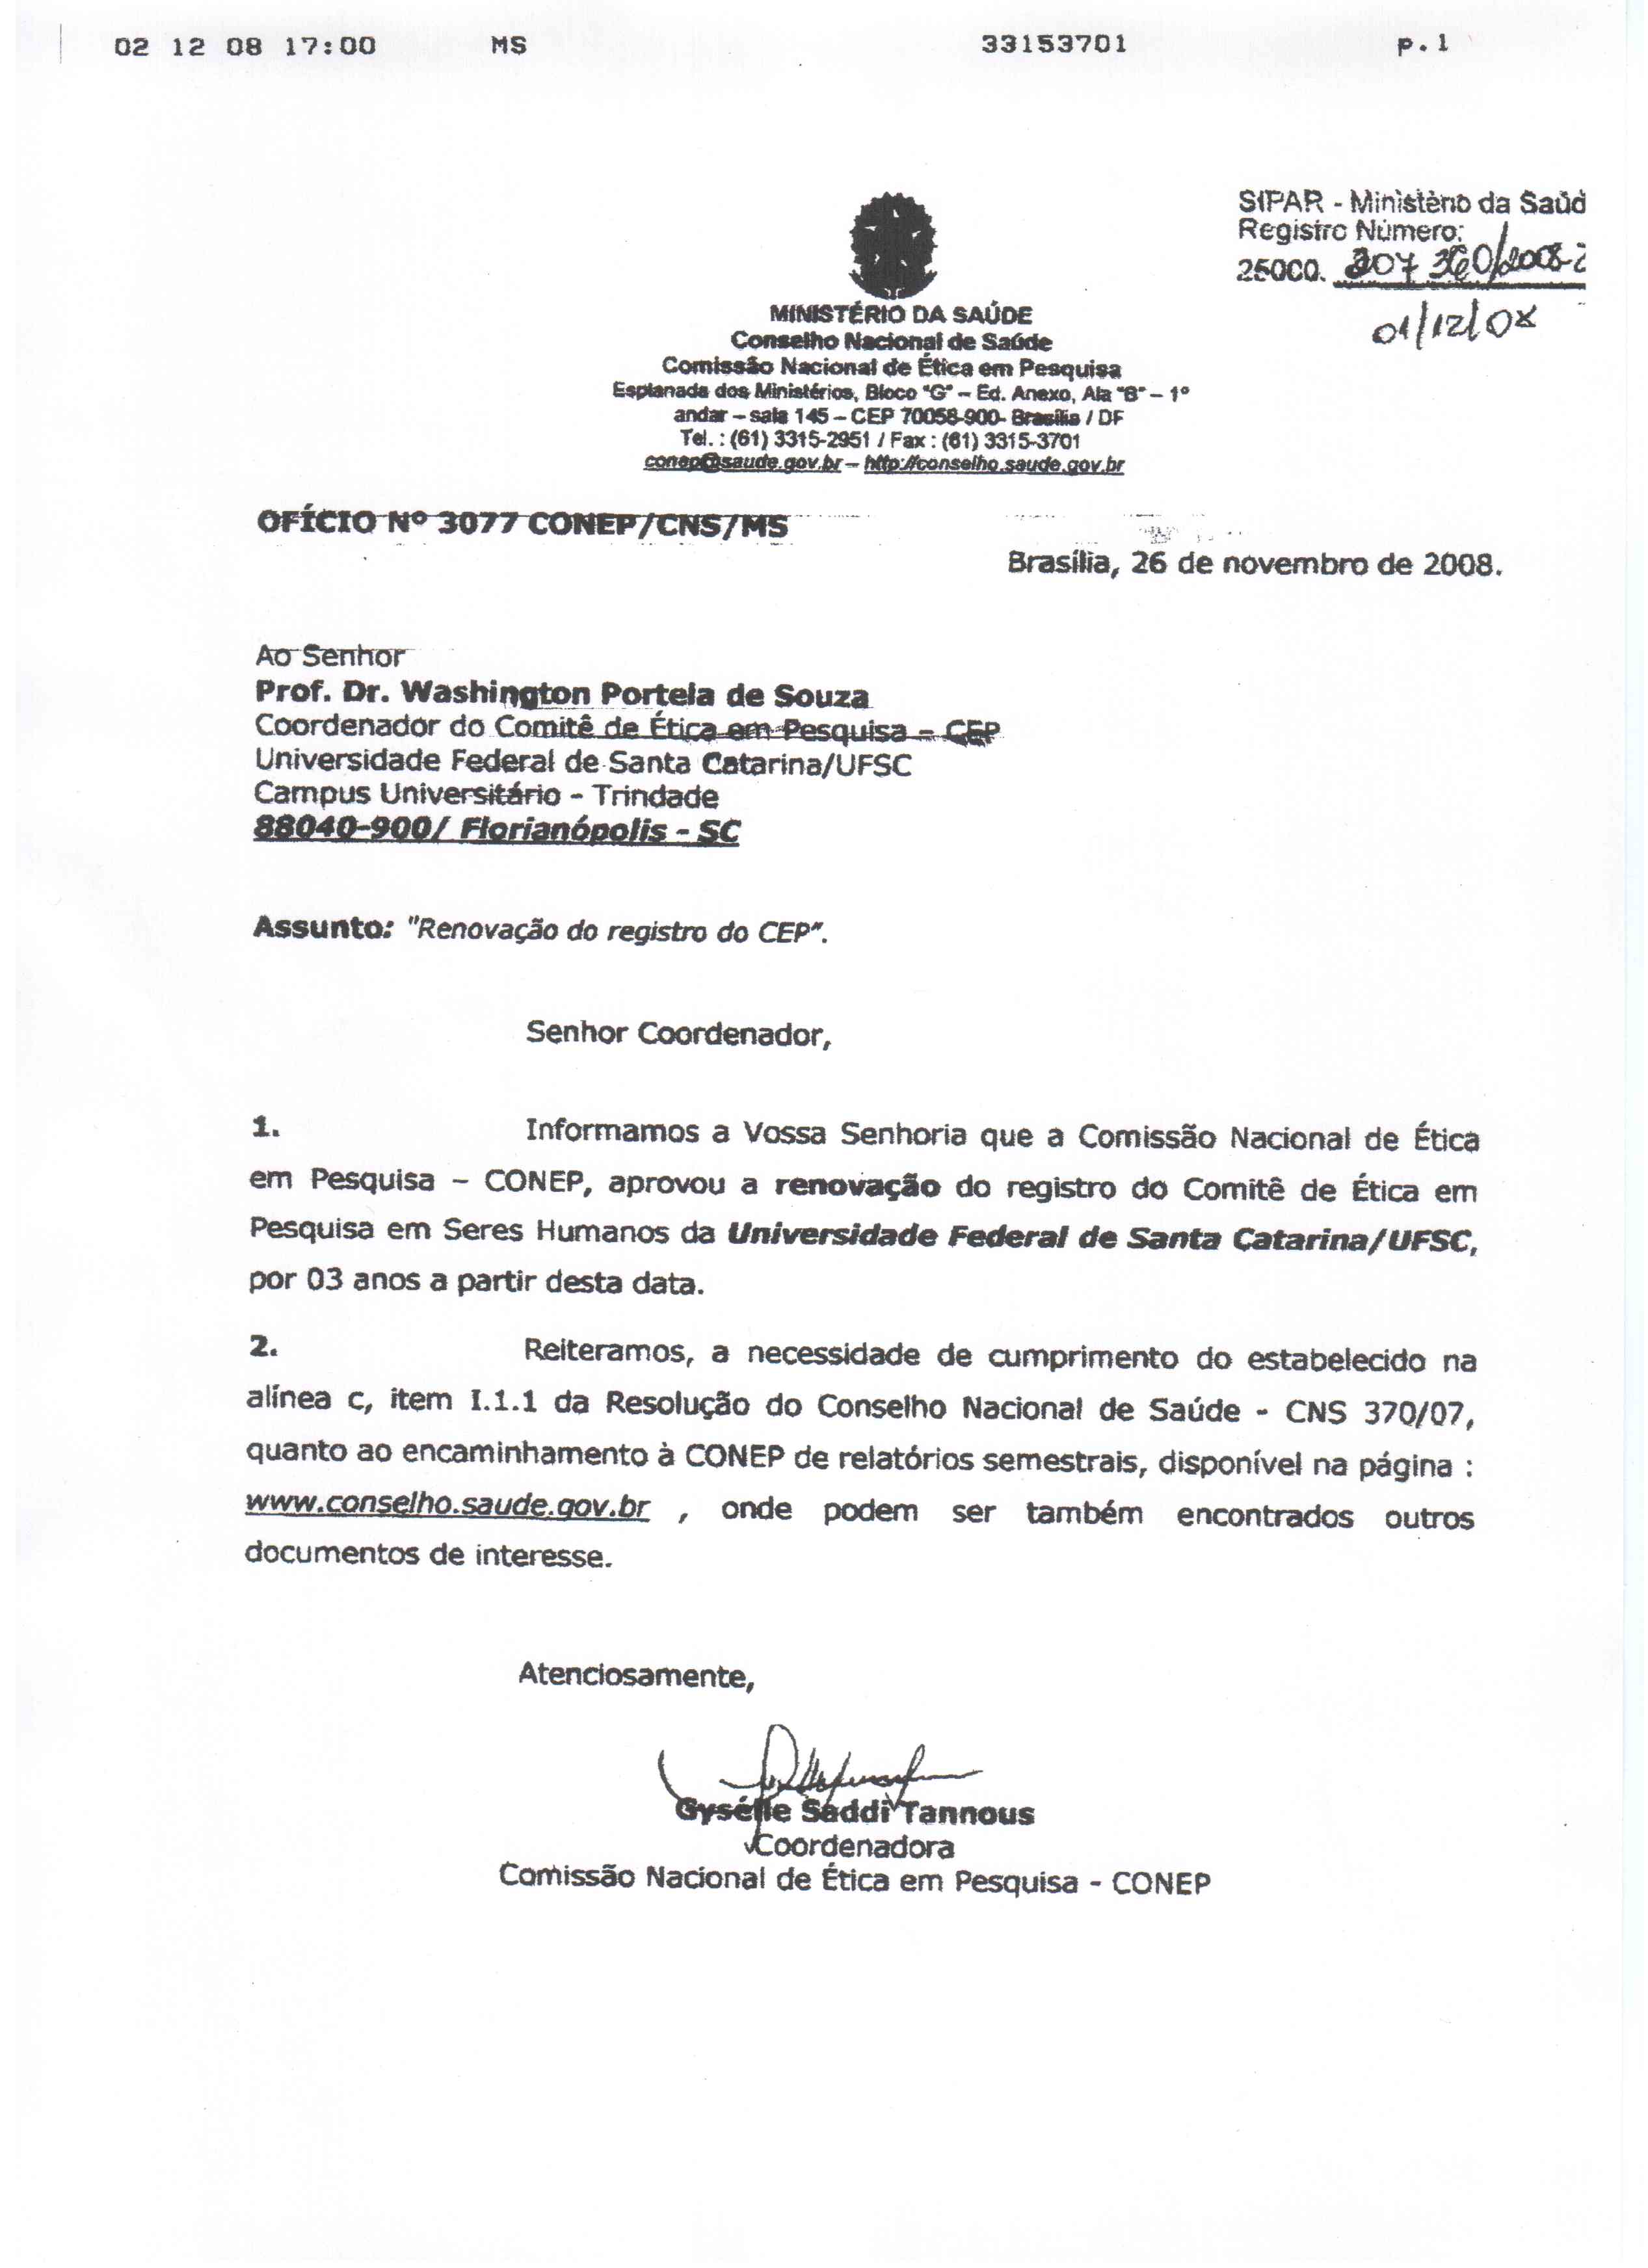 75d0c82223b3f Ofício de Aprovação do registro do CEPSH junto a CONEP